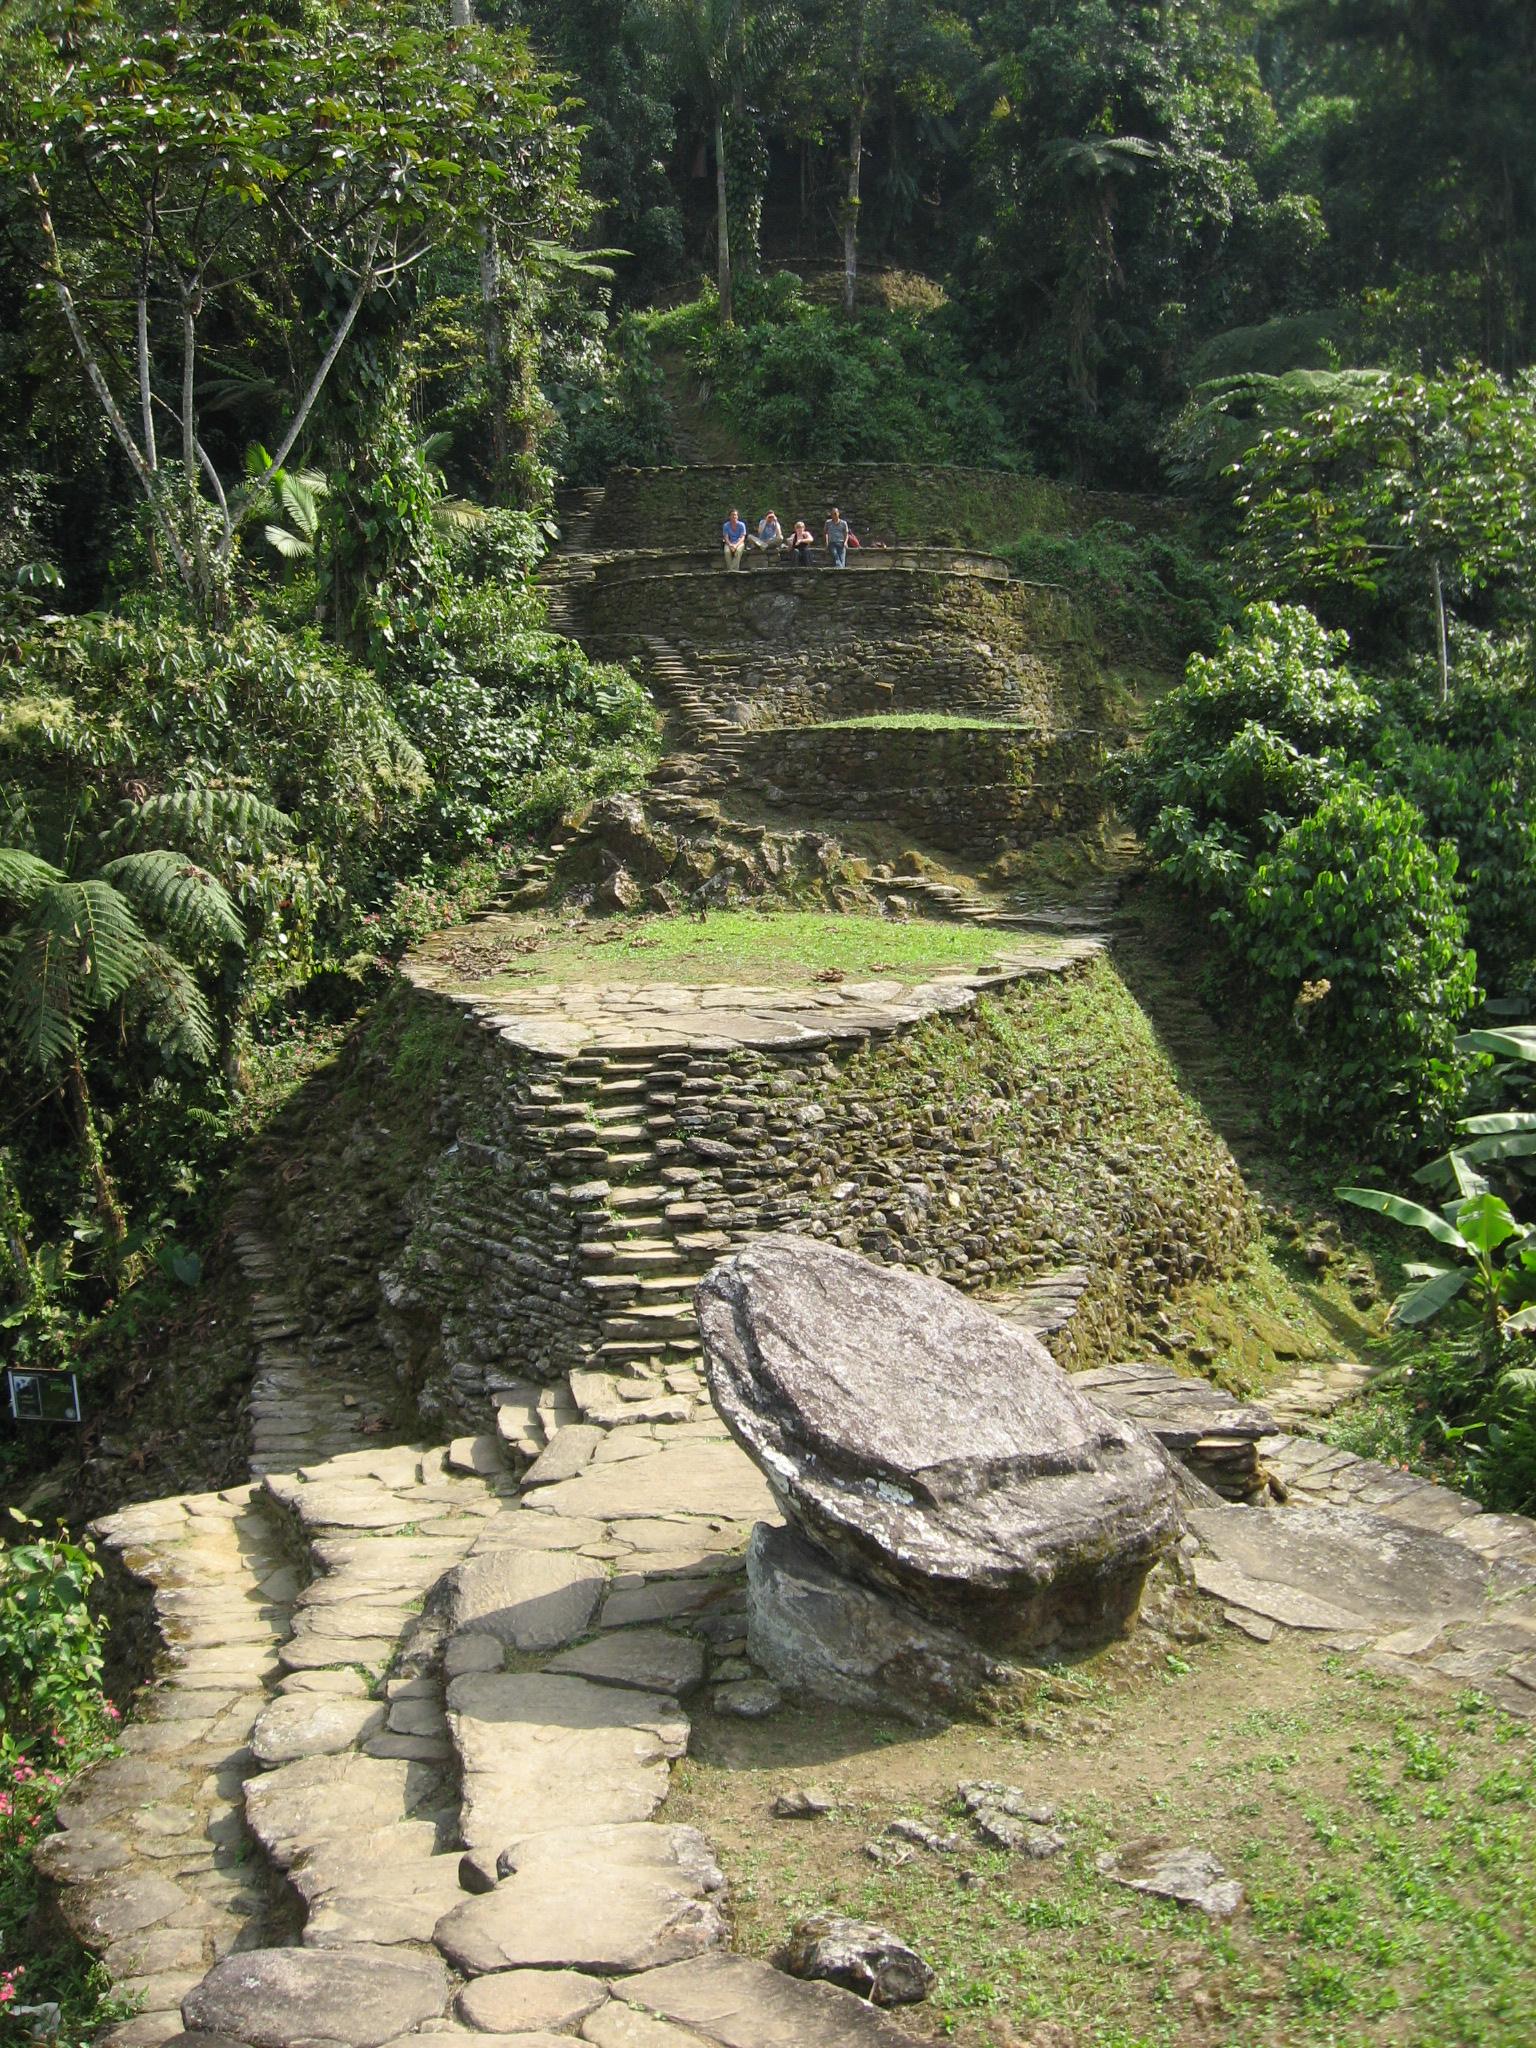 Ciudad perdida wikipedia la enciclopedia libre for Terrazas tayrona